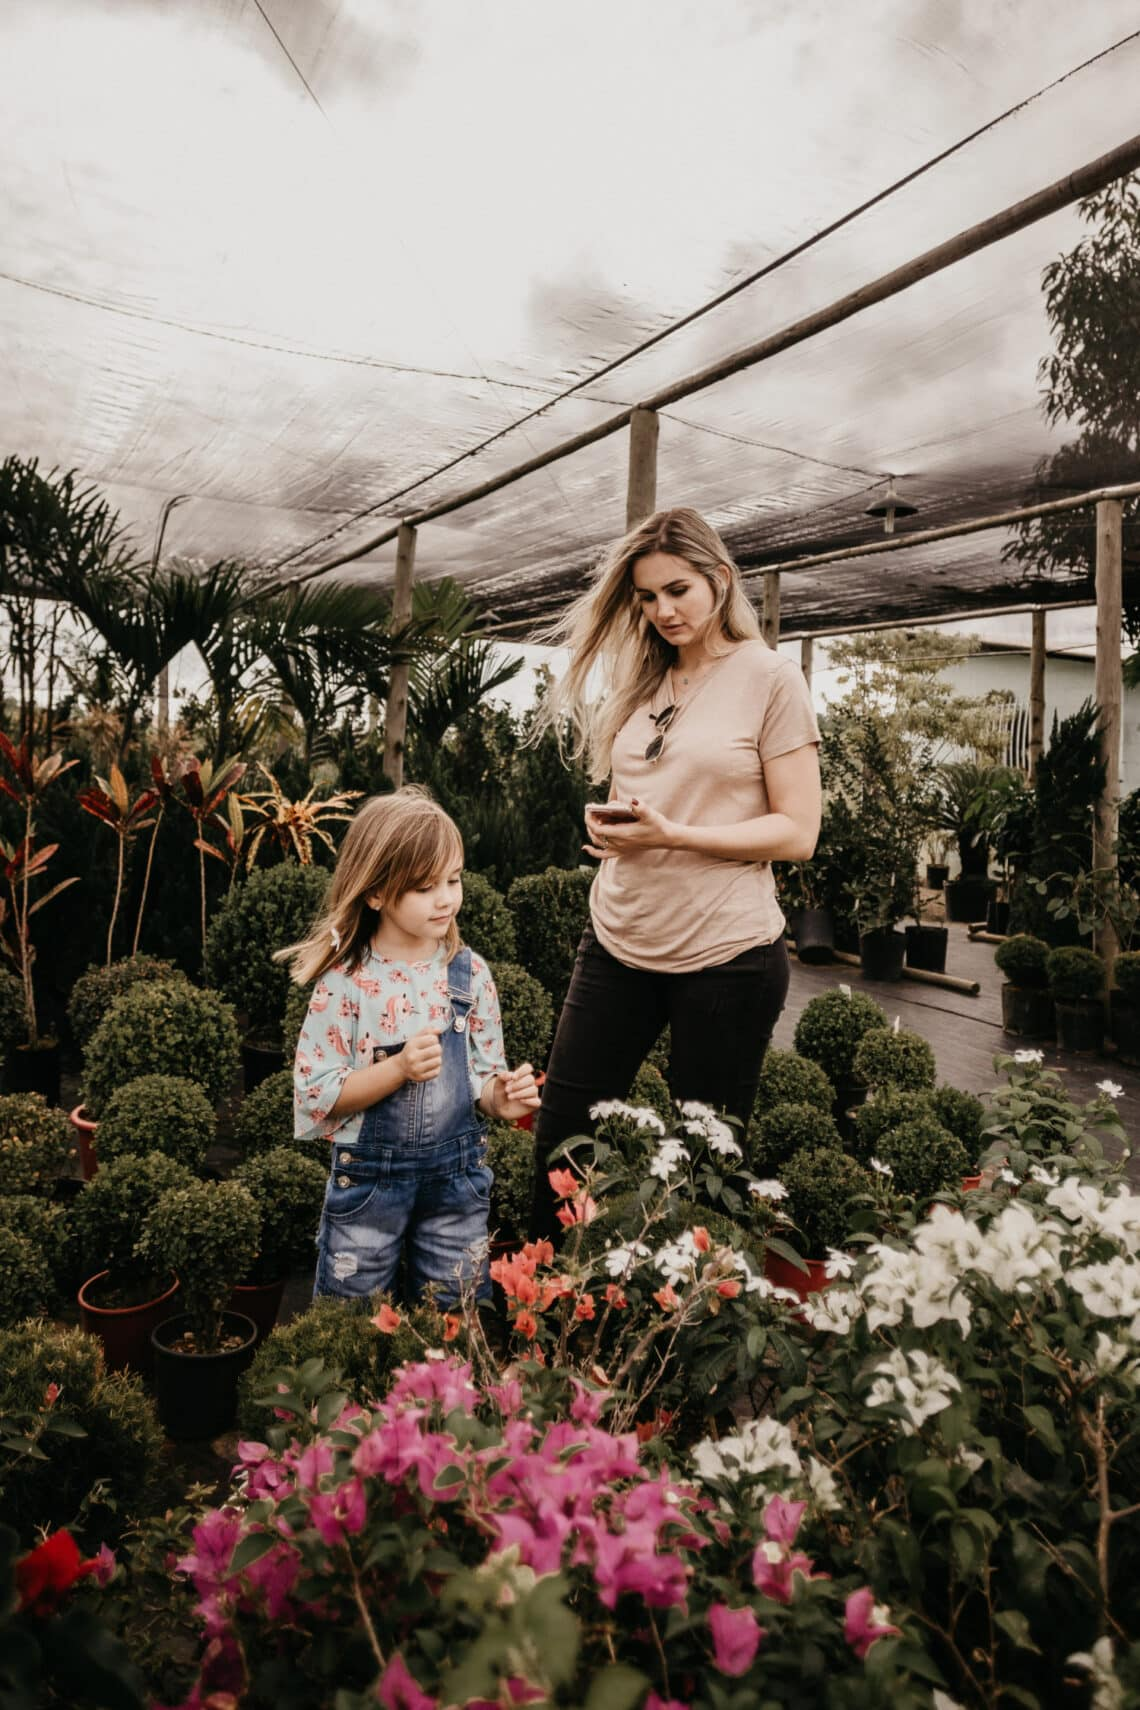 Árt a gyereknek, ha túlgondoskodó a szülő